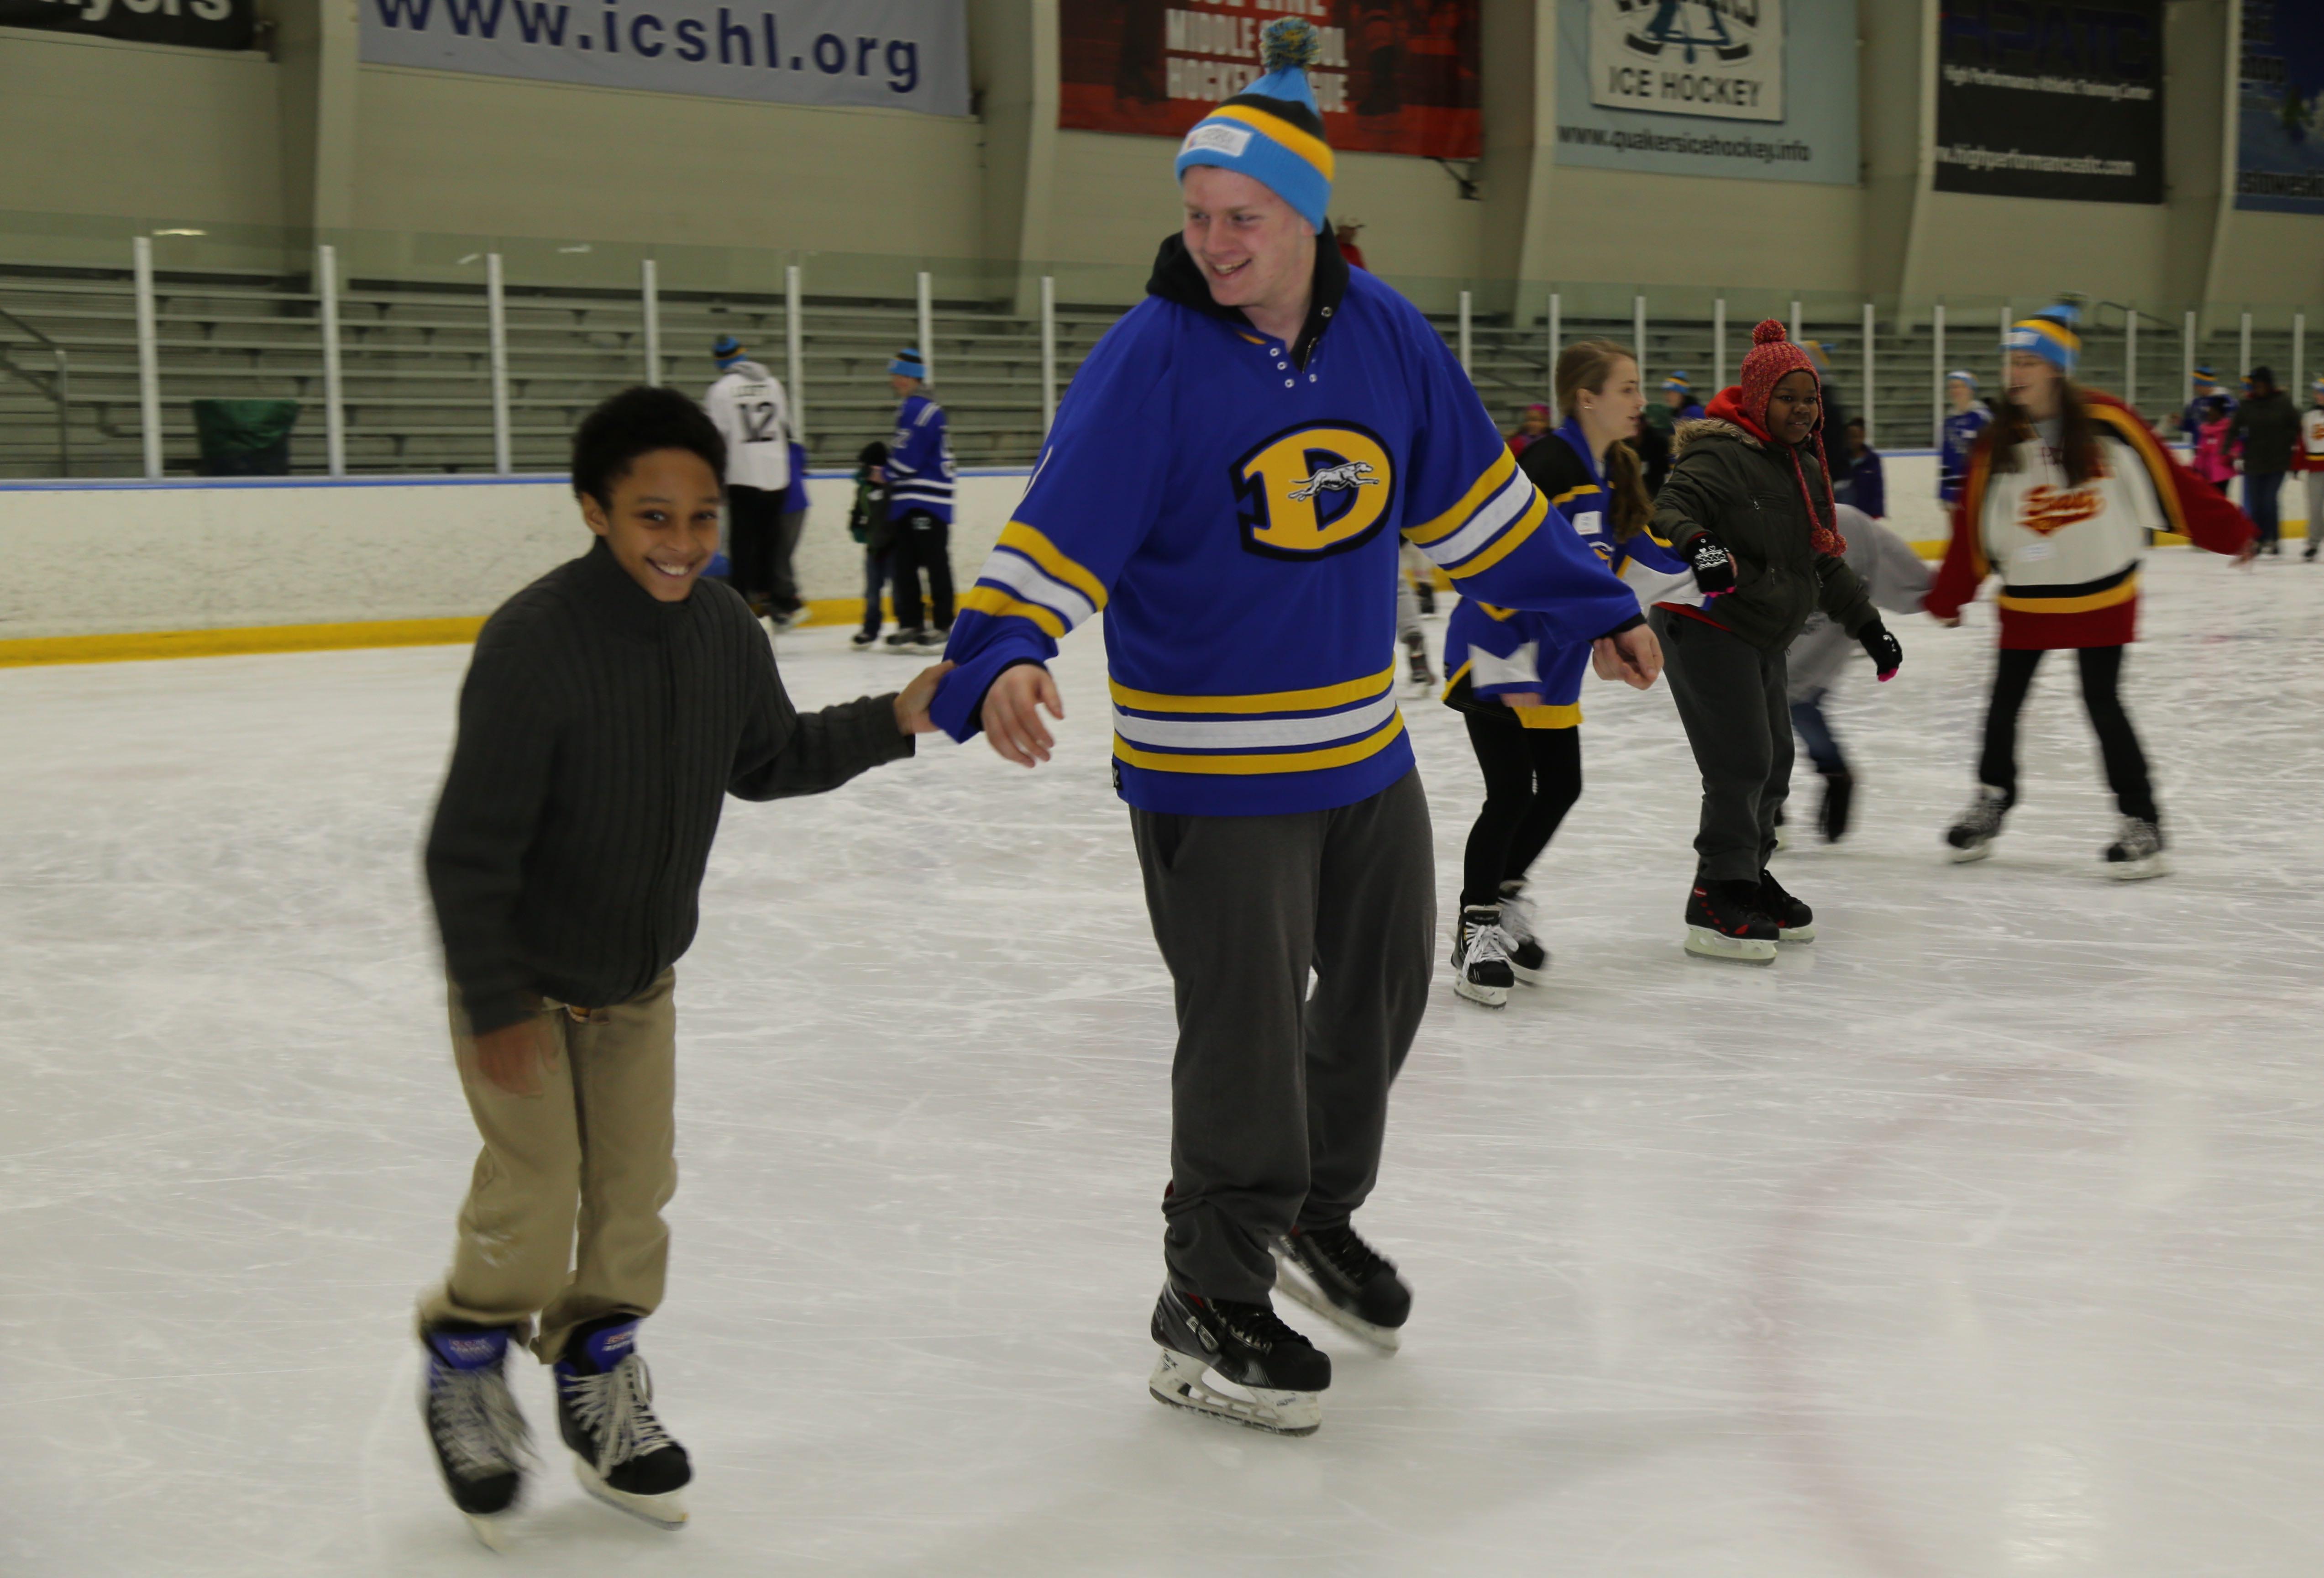 fun on ice